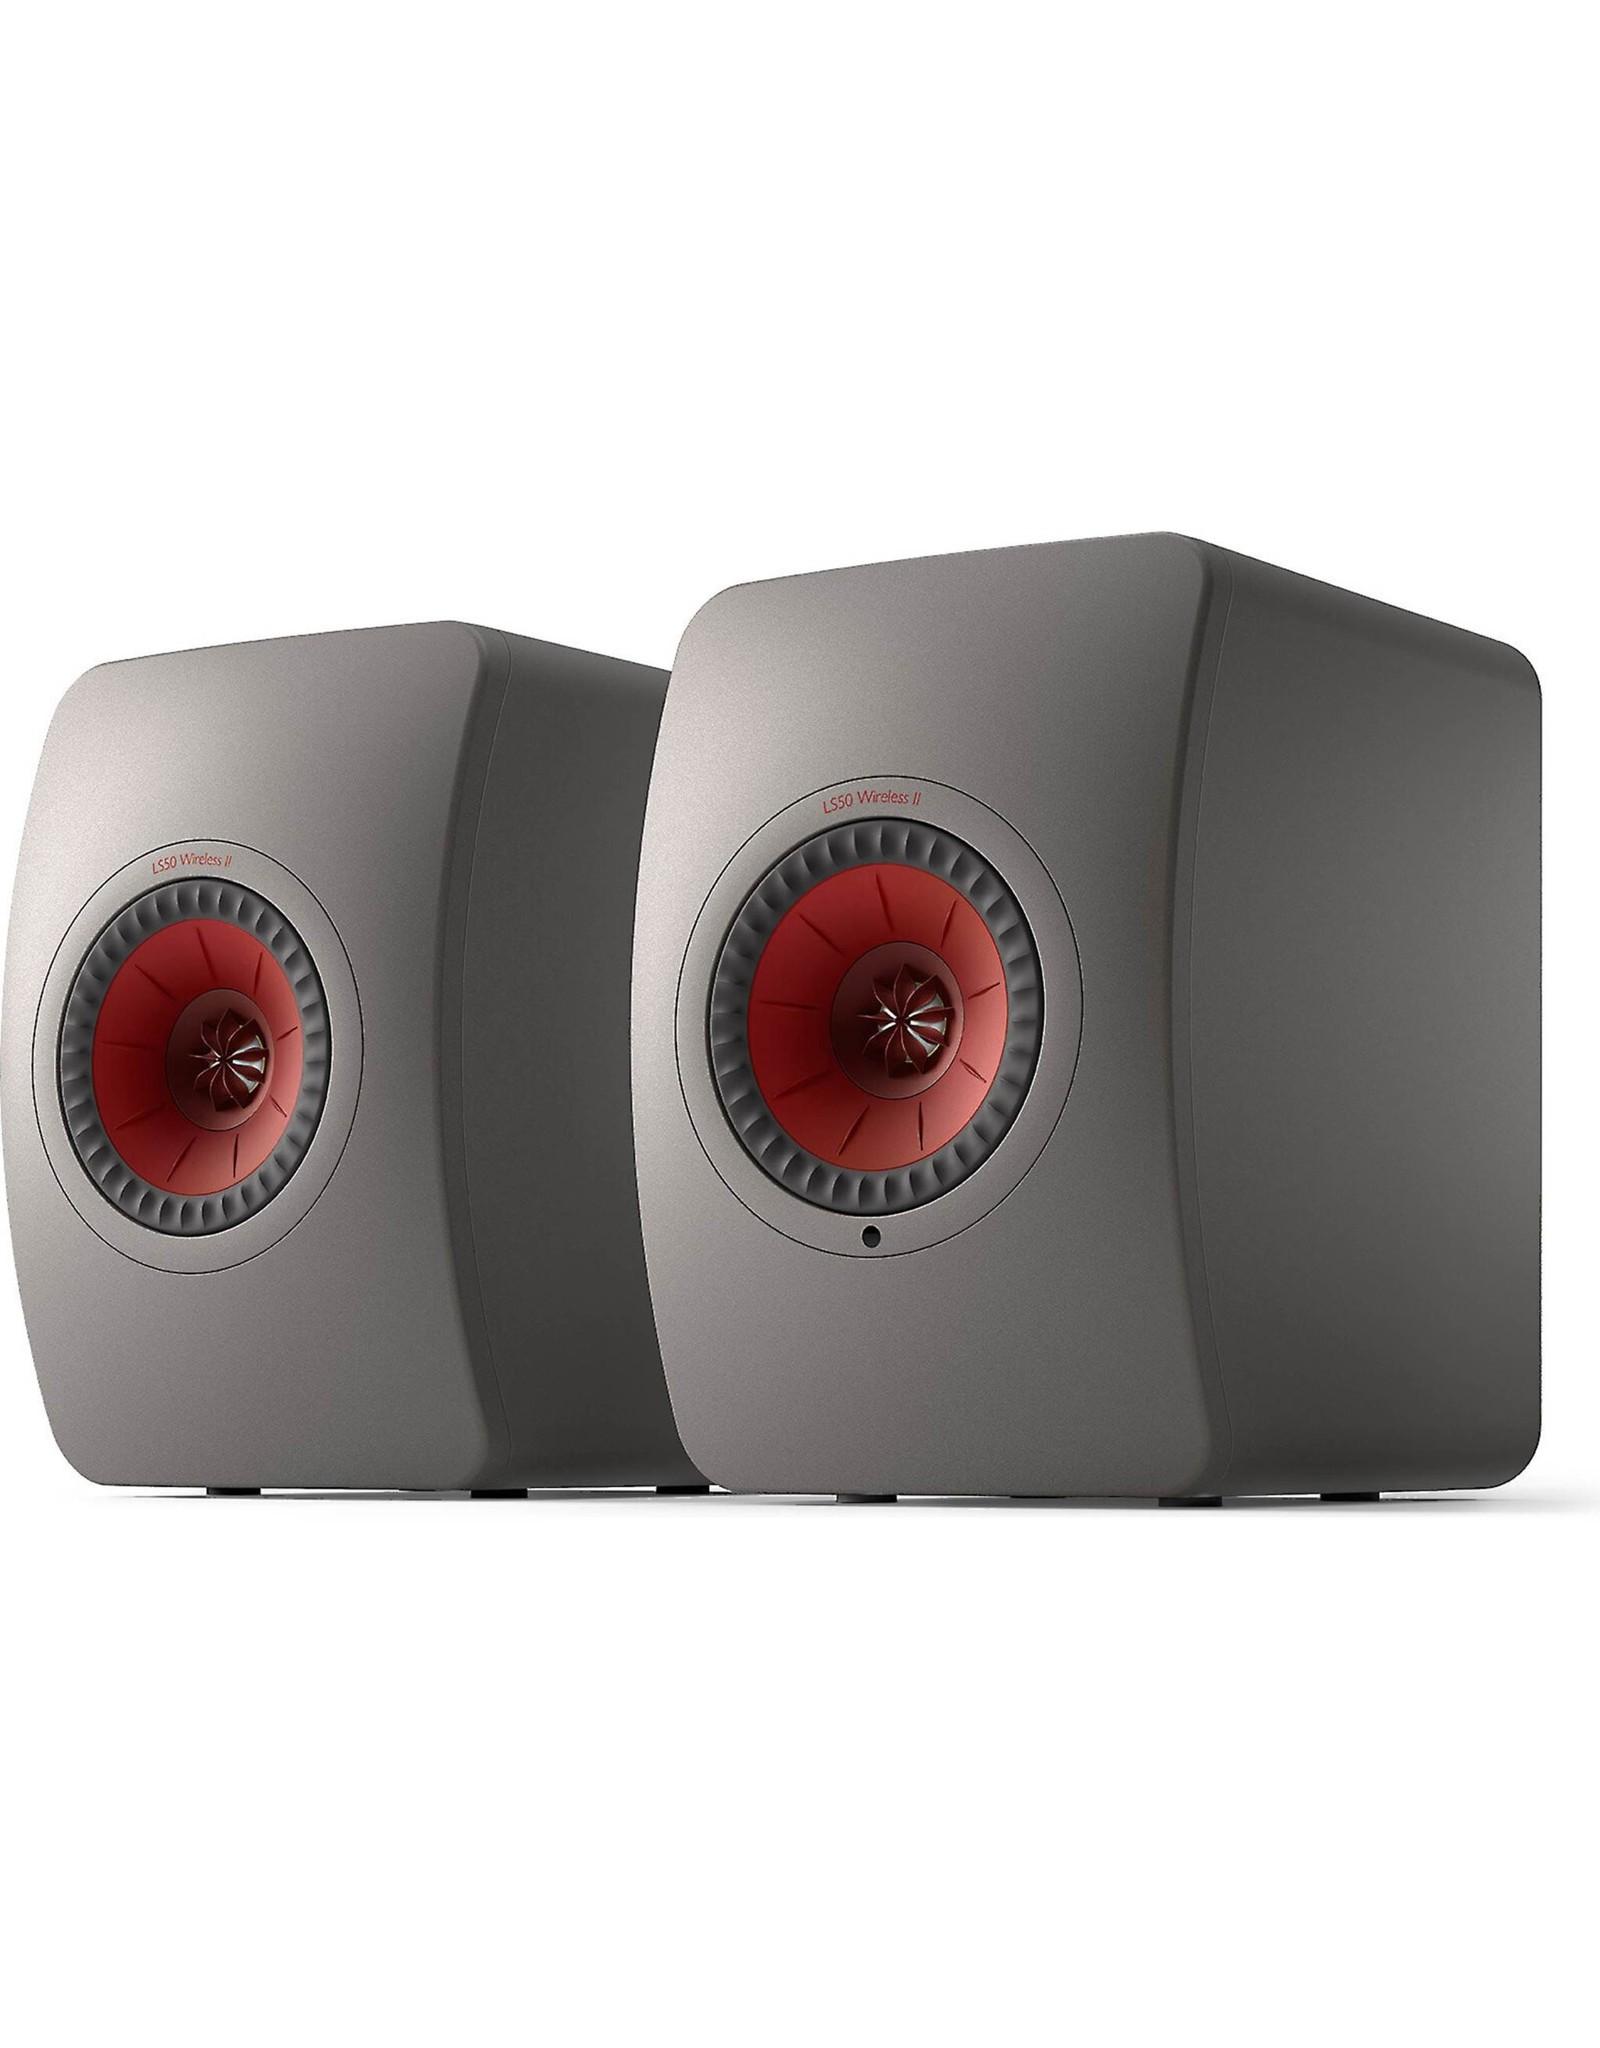 KEF KEF LS50 Wireless II Powered Bookshelf Speakers